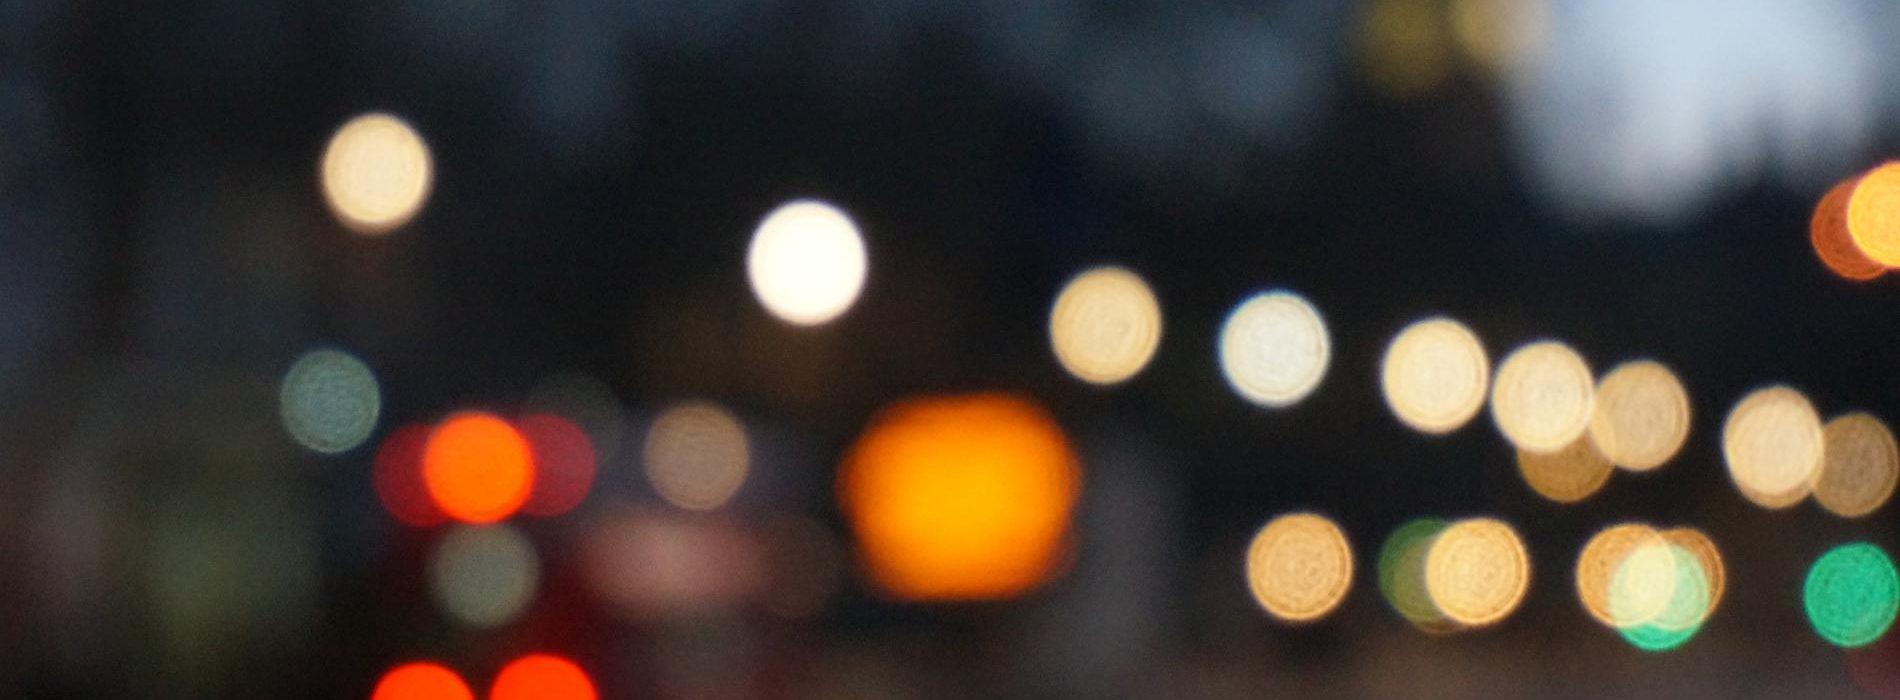 Lichter von Clubs